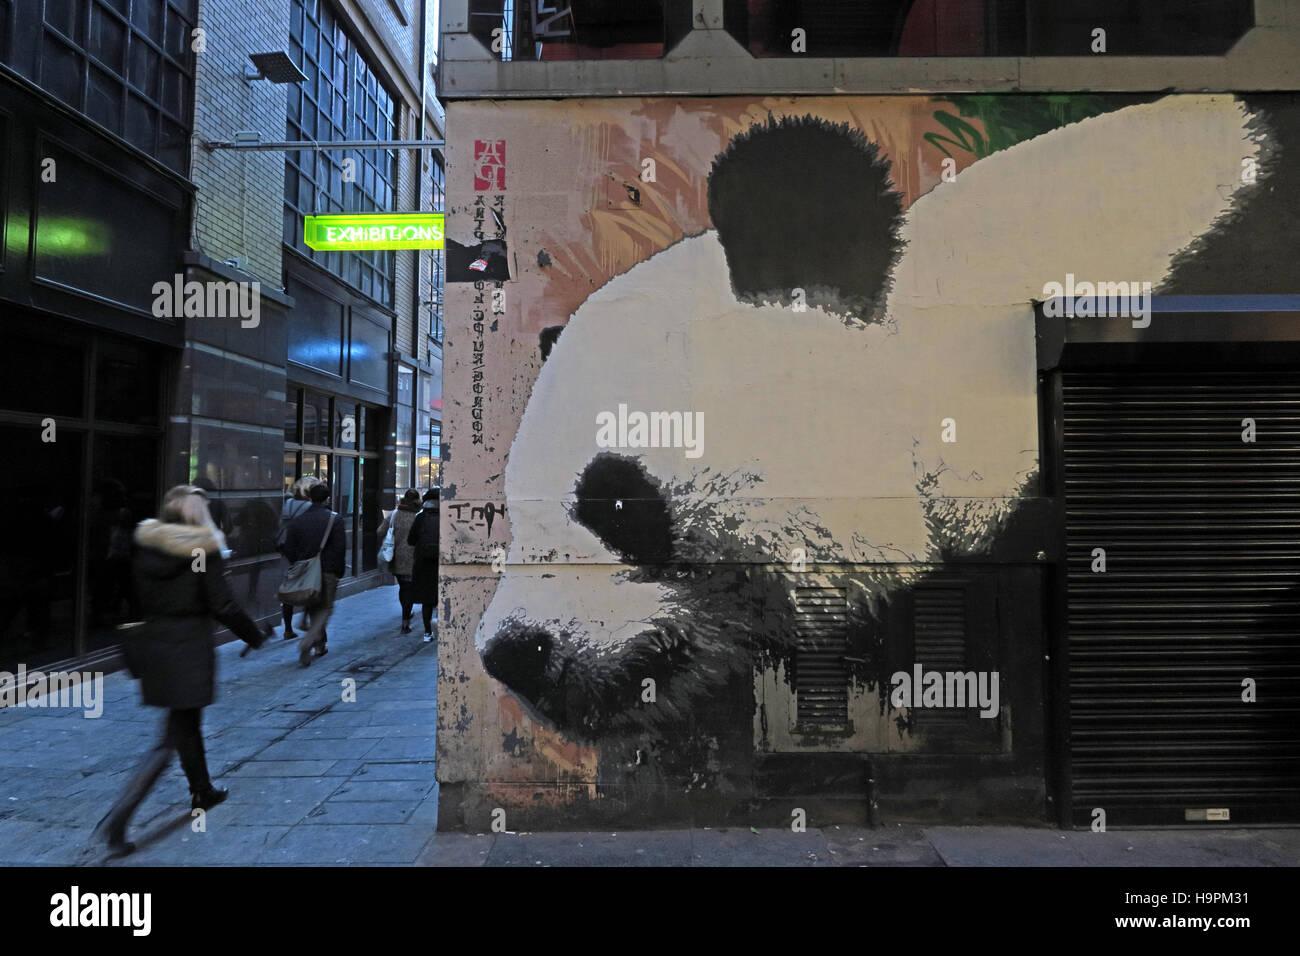 Laden Sie dieses Alamy Stockfoto Panda Graffiti, Mitchell Lane, Glasgow, Schottland, UK - H9PM31